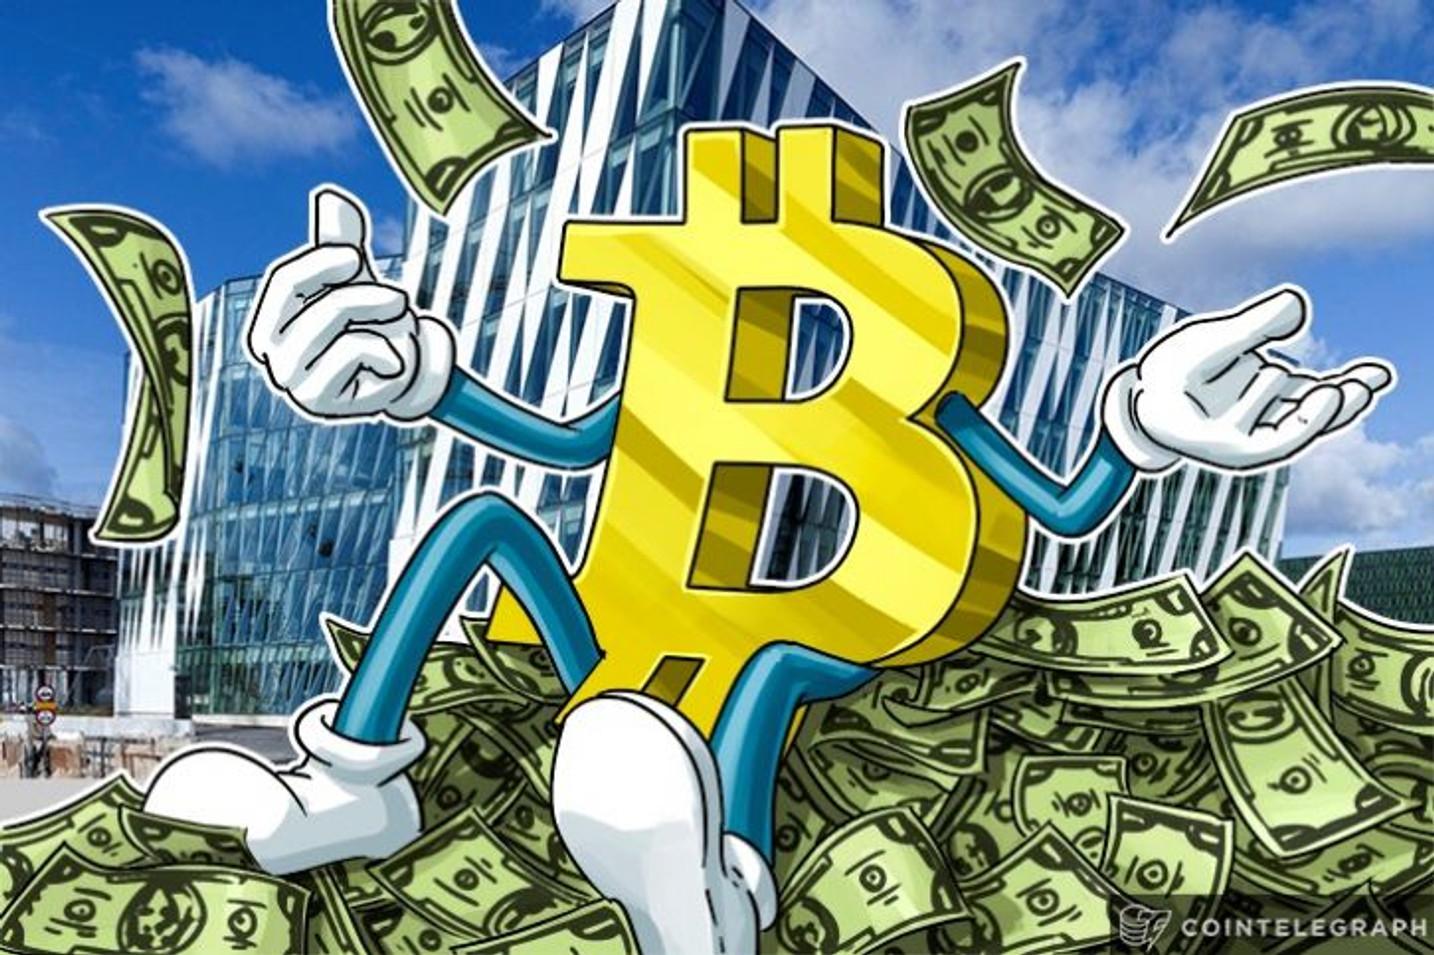 仮想通貨(ビットコイン)の正しい稼ぎ方|おすすめの手法やコツを徹底紹介!